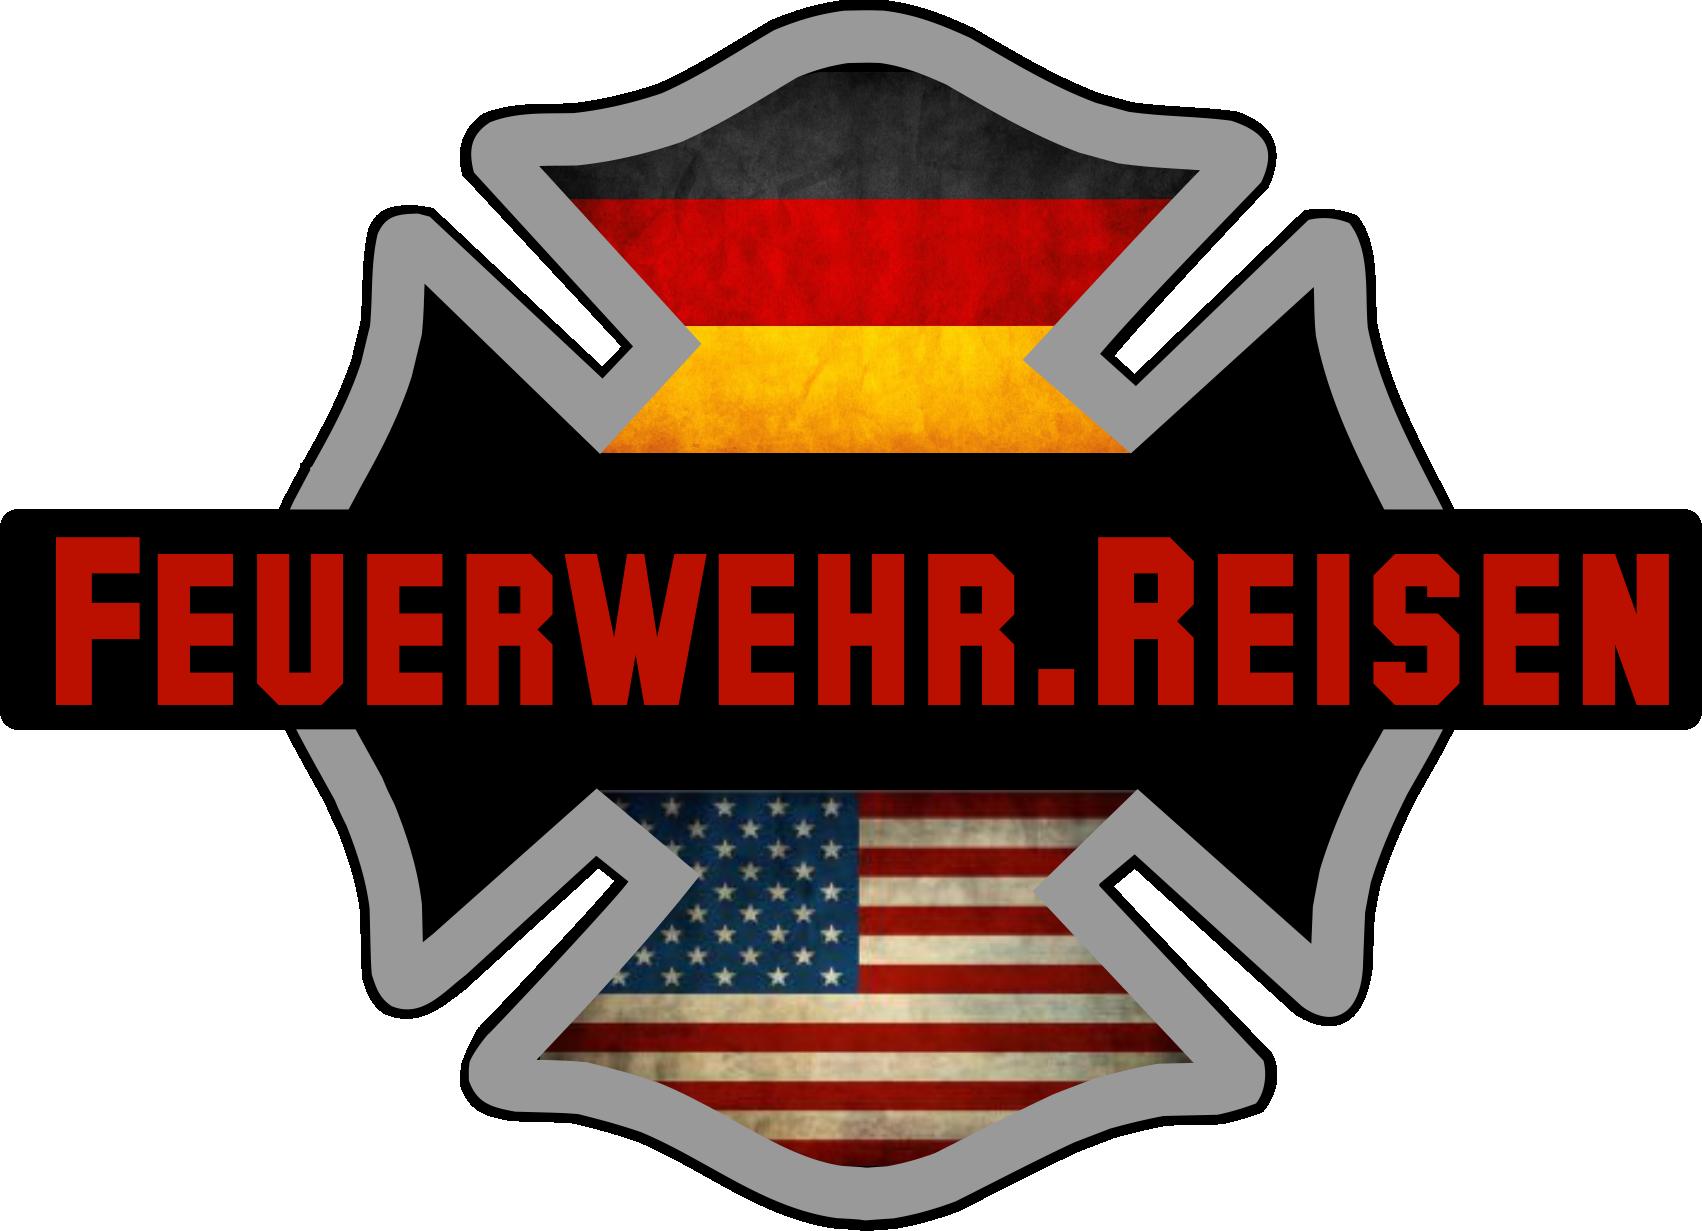 Feuerwehr Reisen